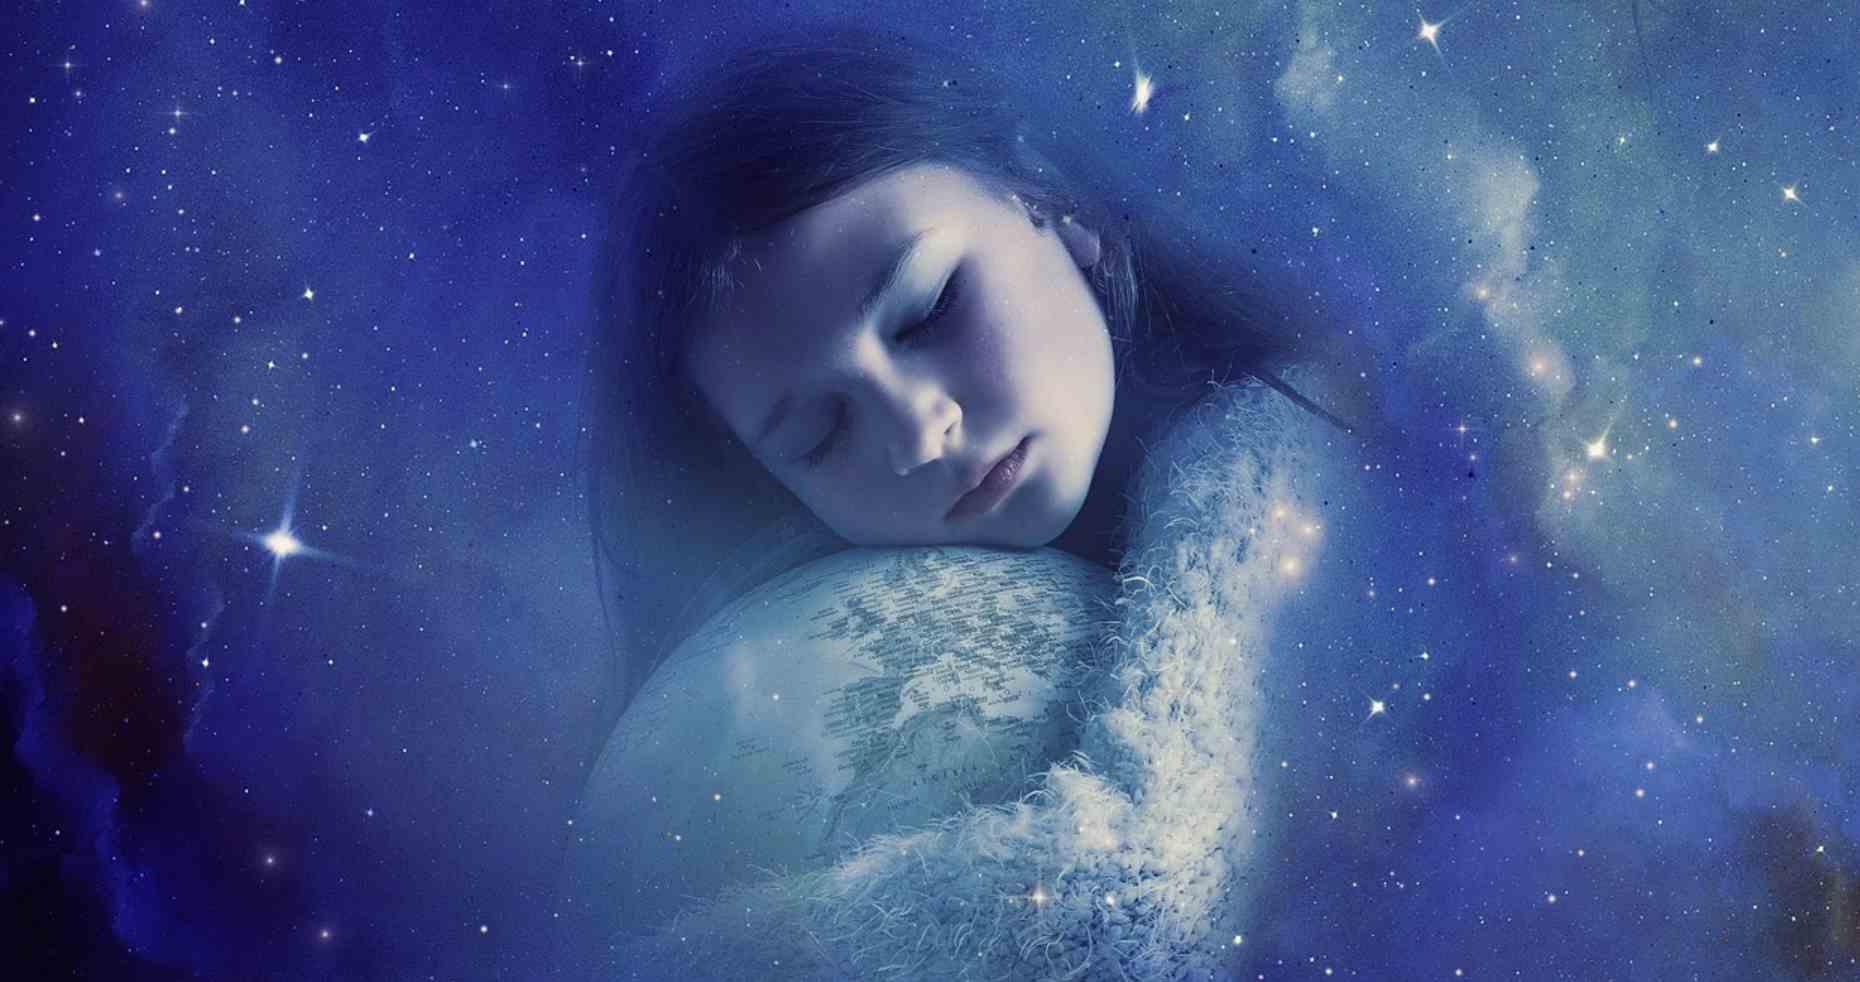 Pentingnya Tidur